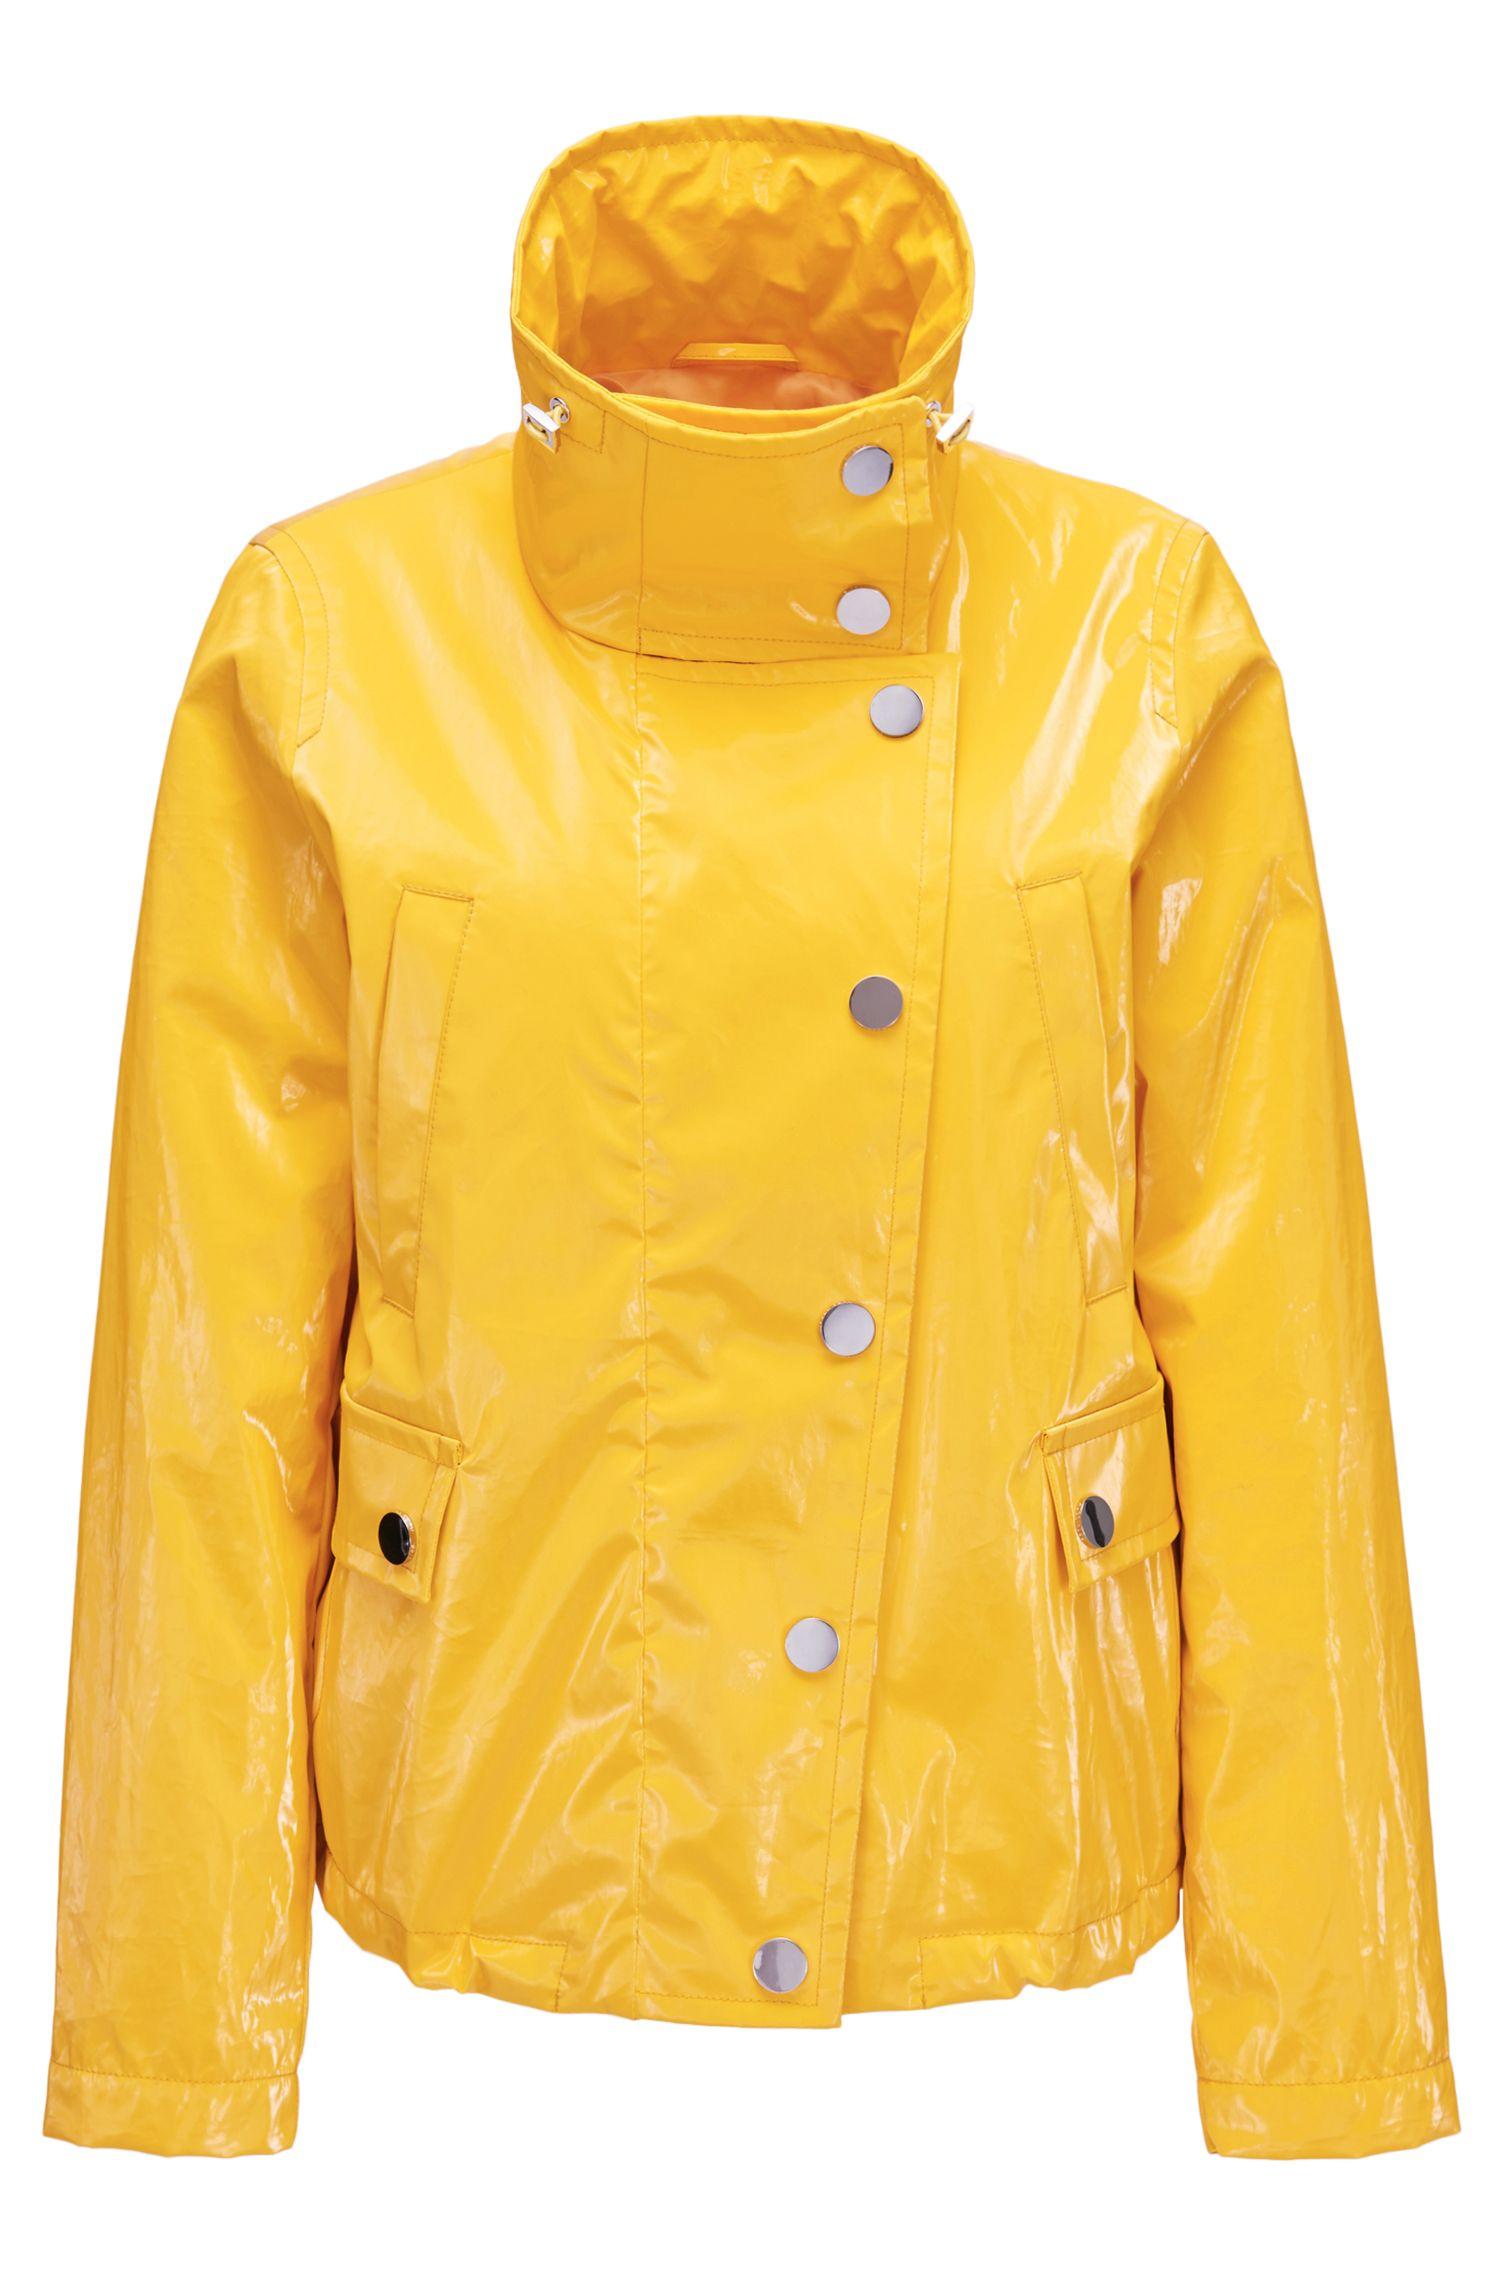 Waxed Cotton Rain Jacket   Pikachuto